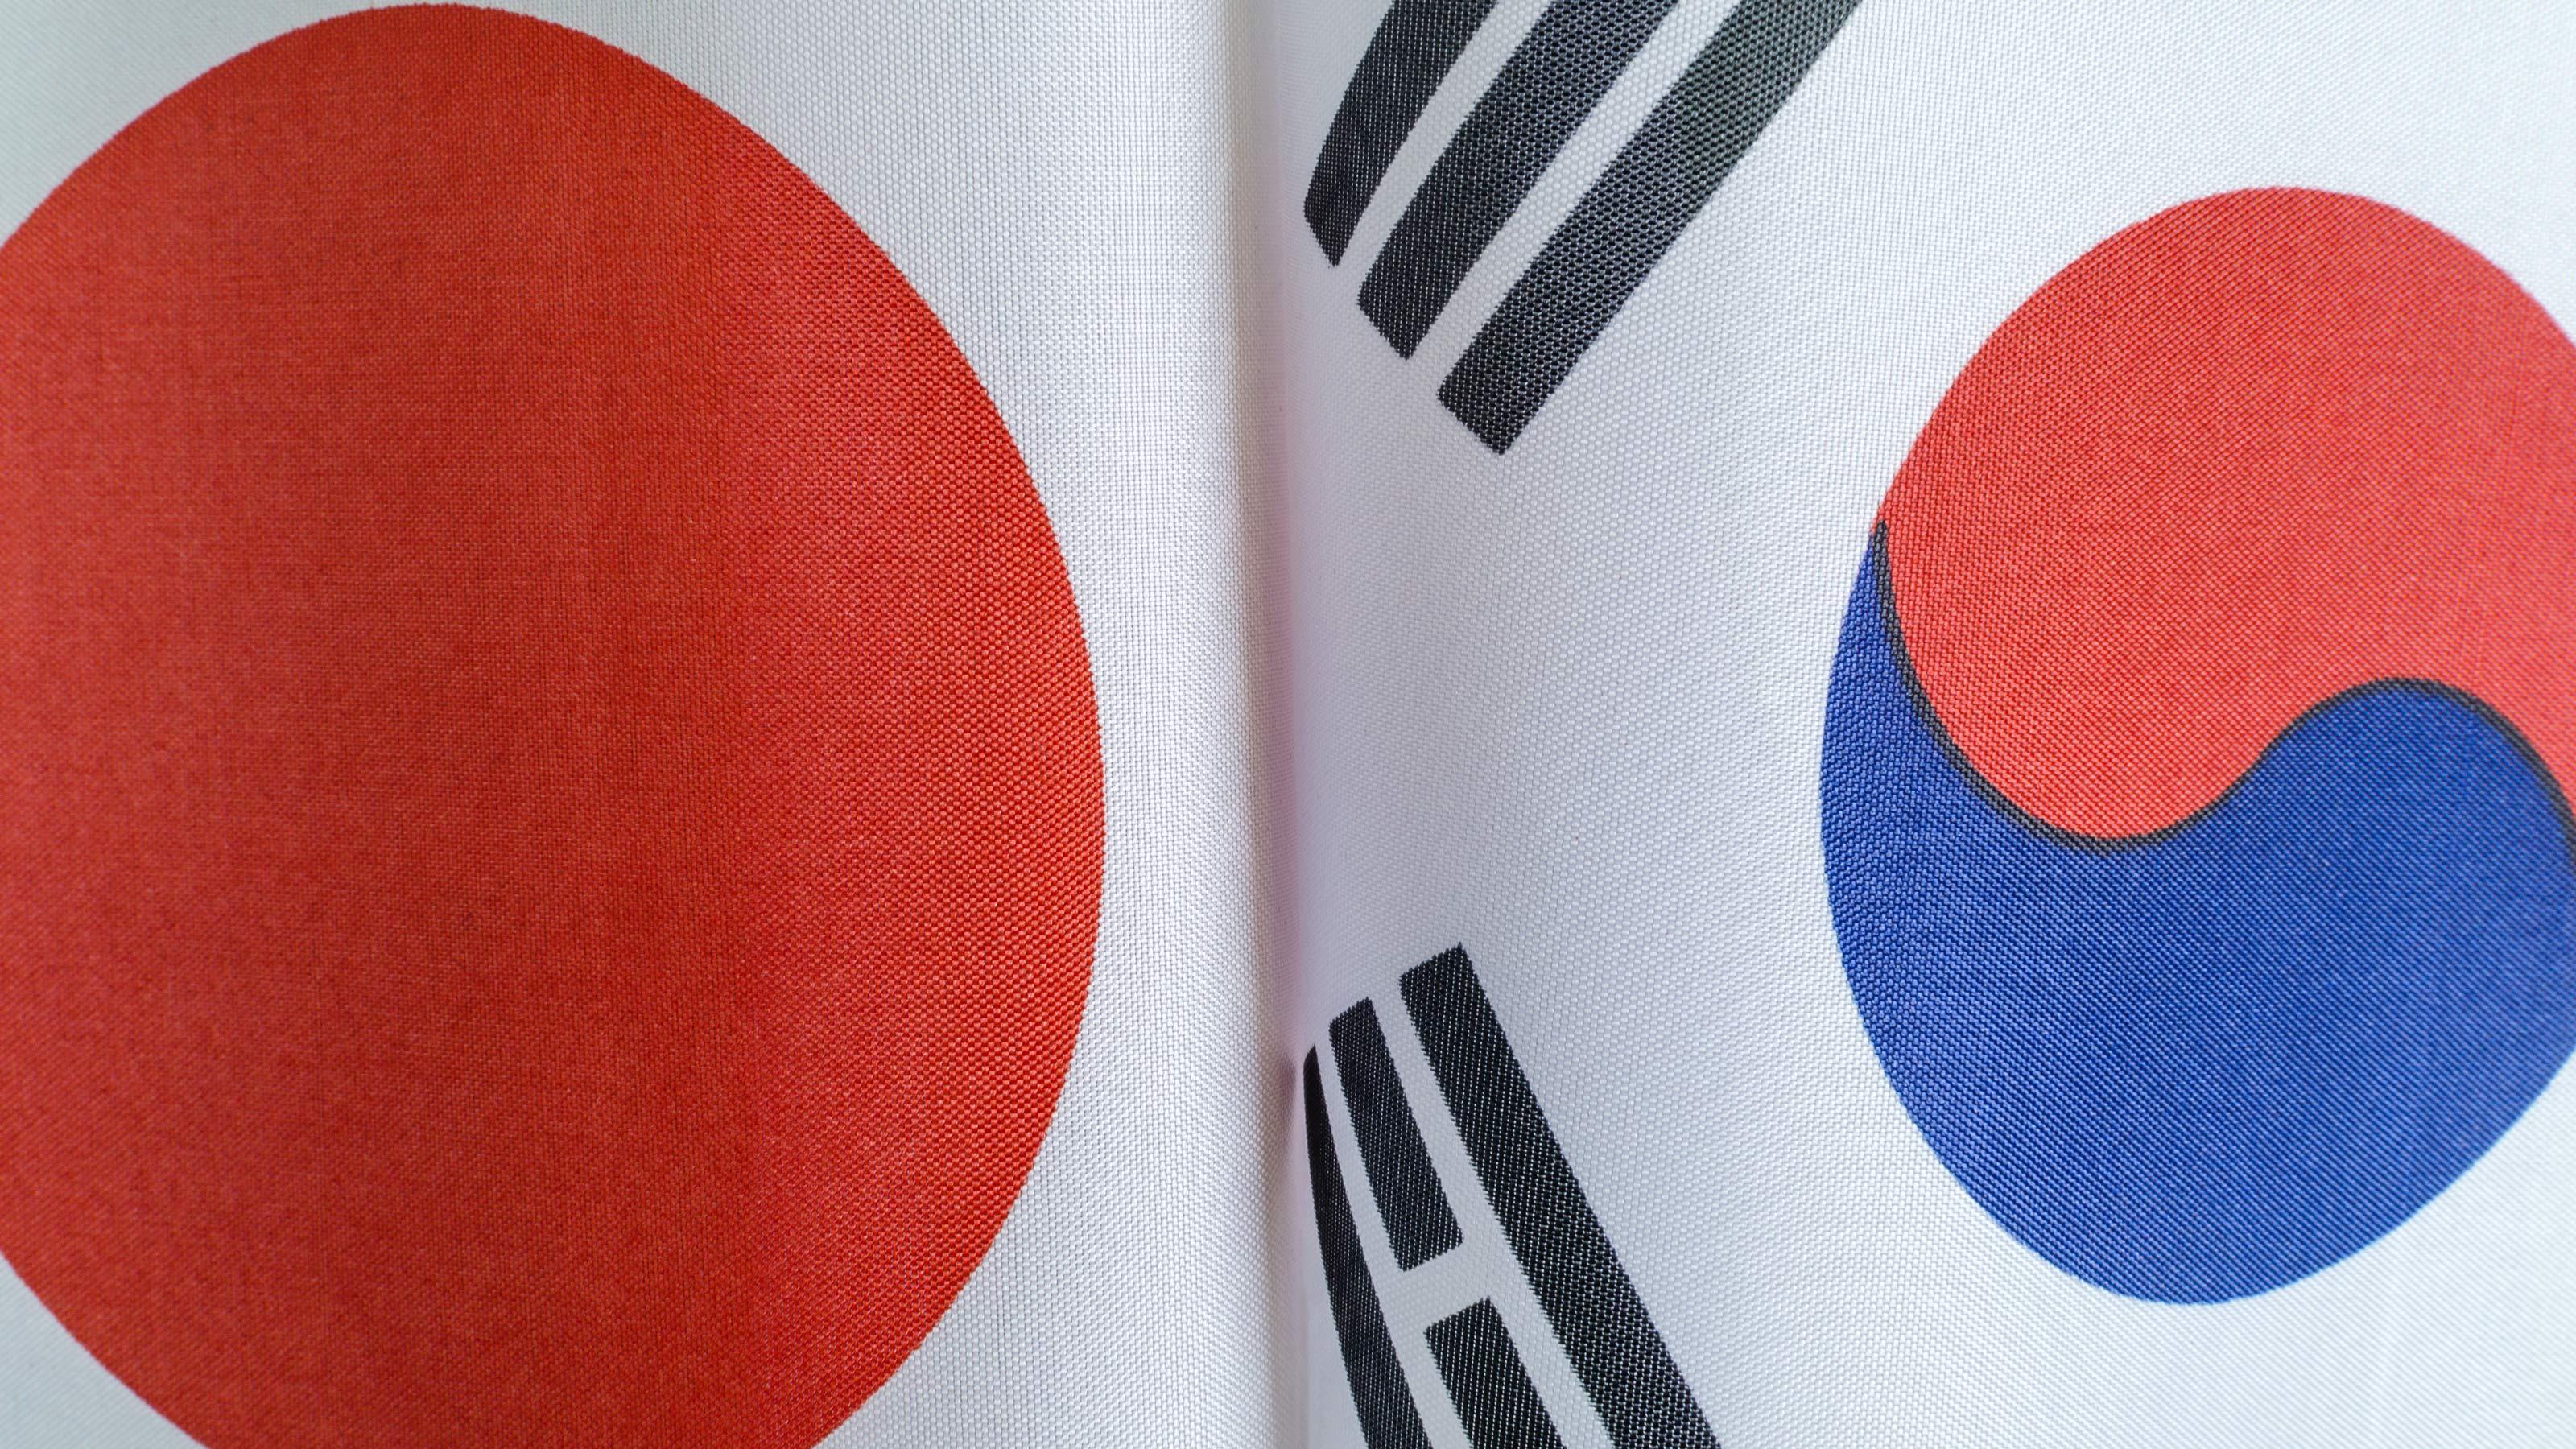 日韓の対立を「やたらと煽るバカ」が増えるワケ 賢い人もバカになる集団 ...